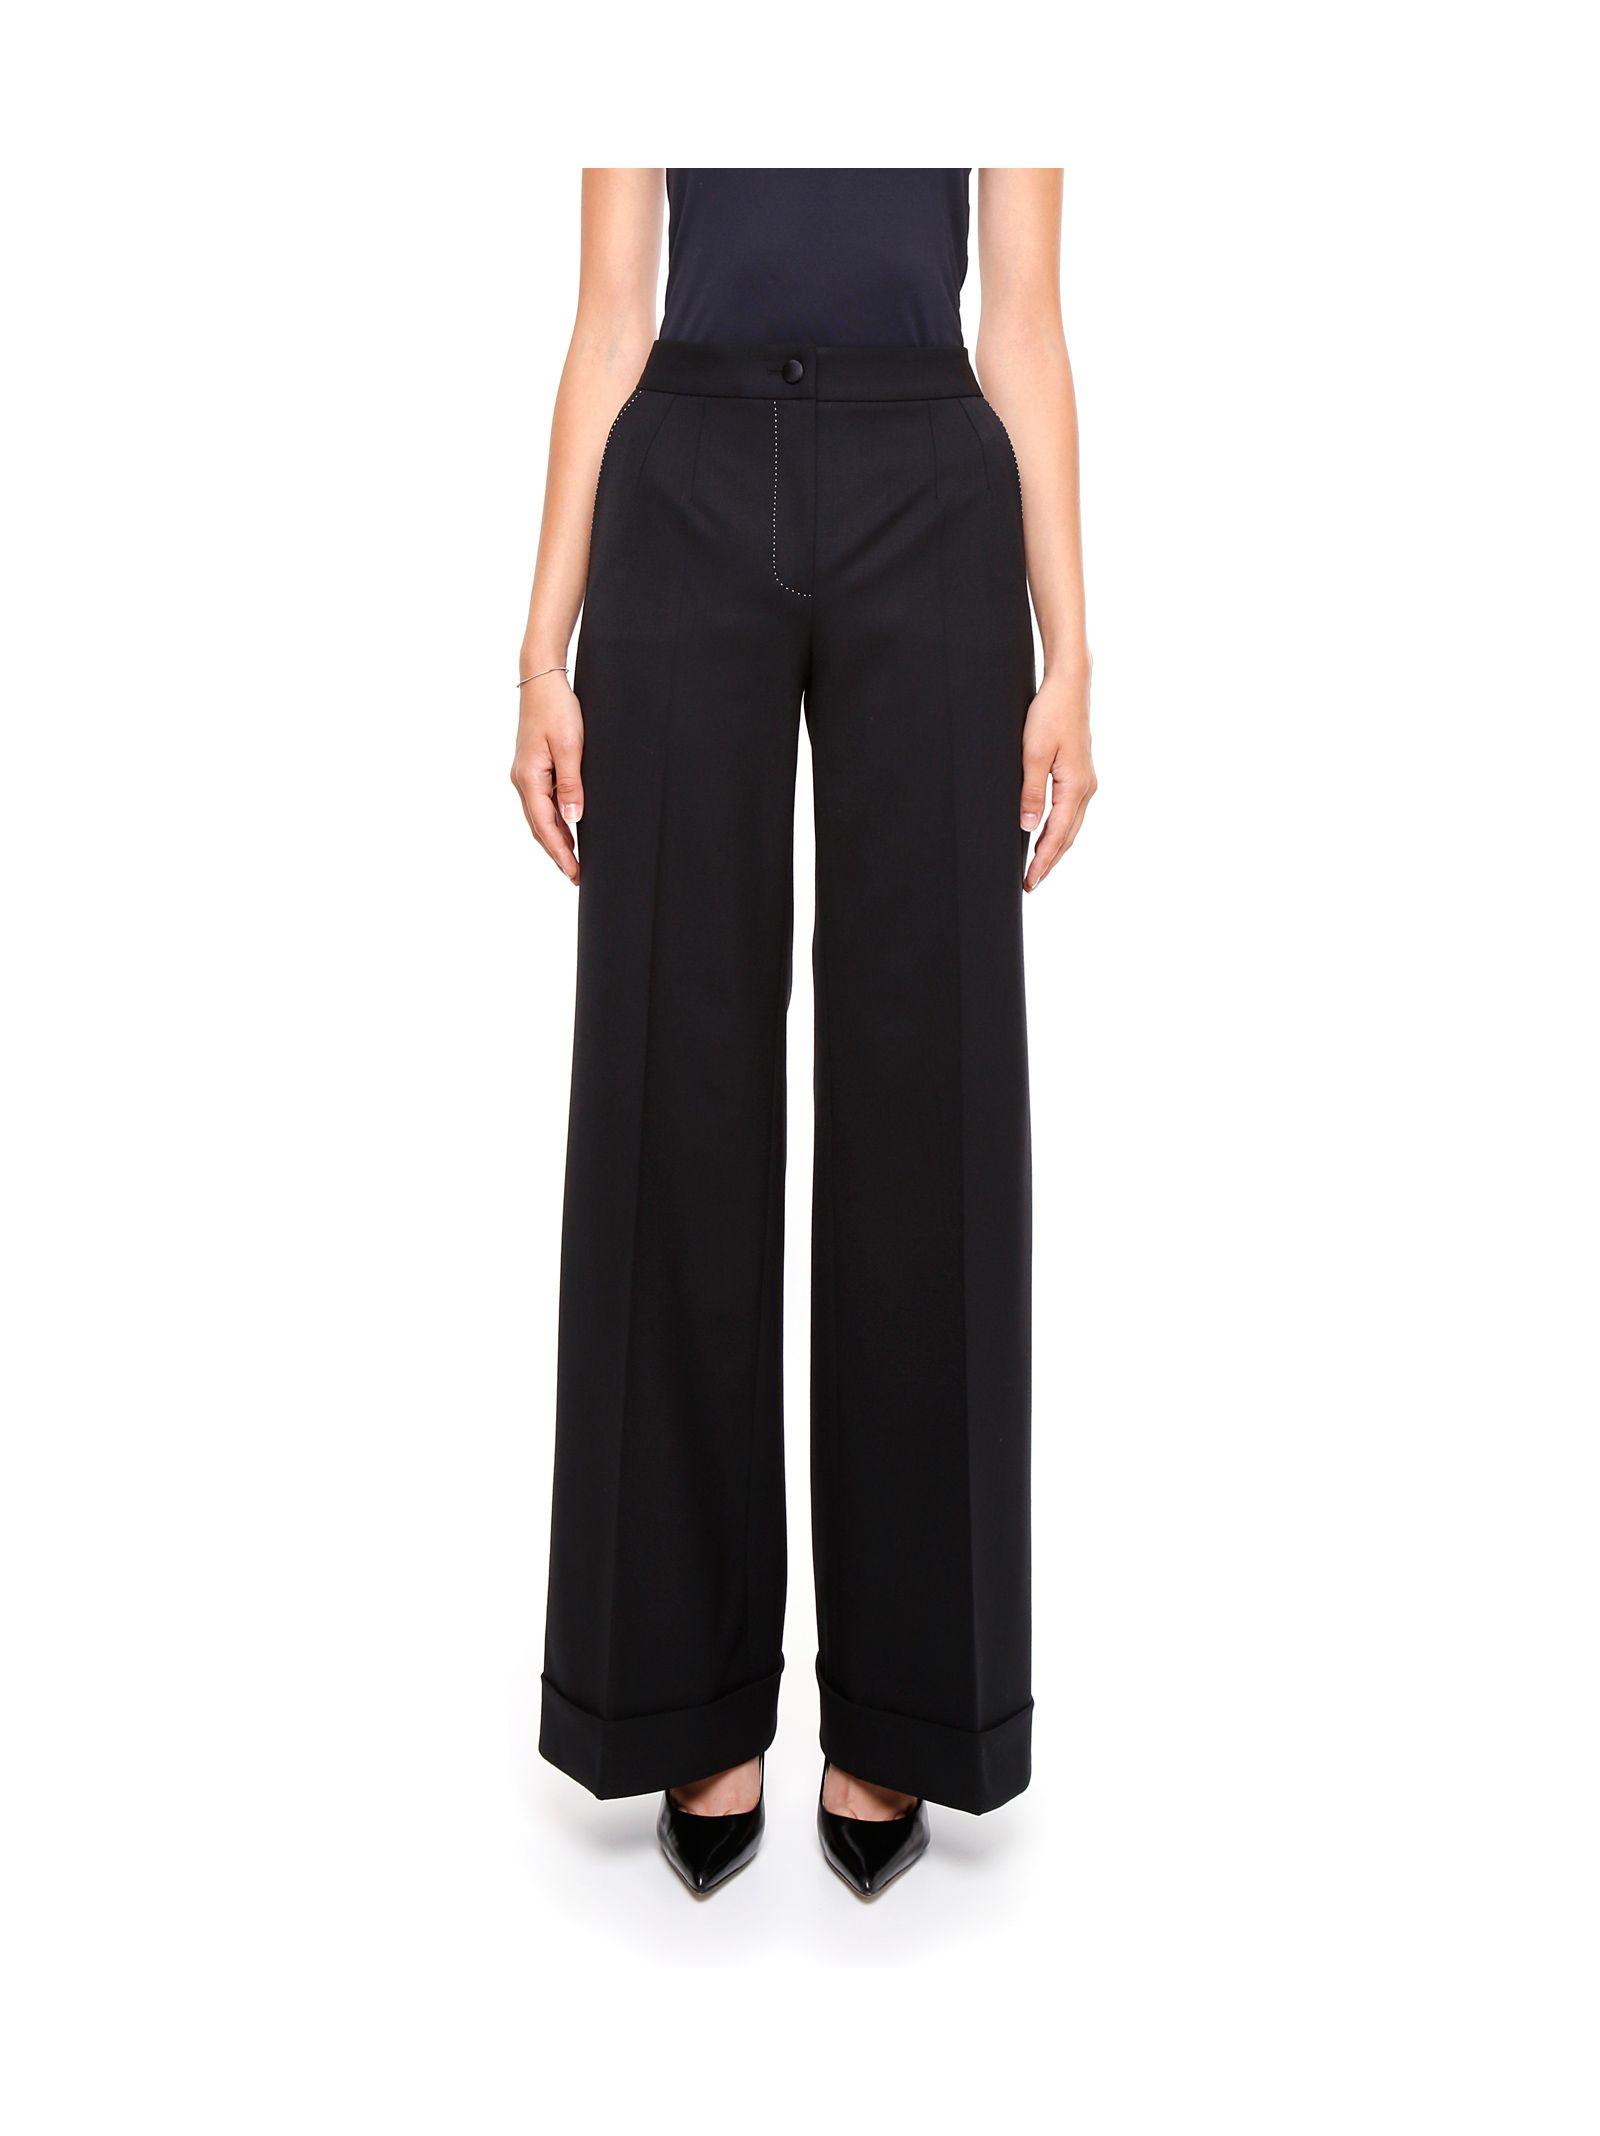 Pantaloni de damă DOLCE & GABBANA, eleganți, largi, cu talie înaltă și pliuri